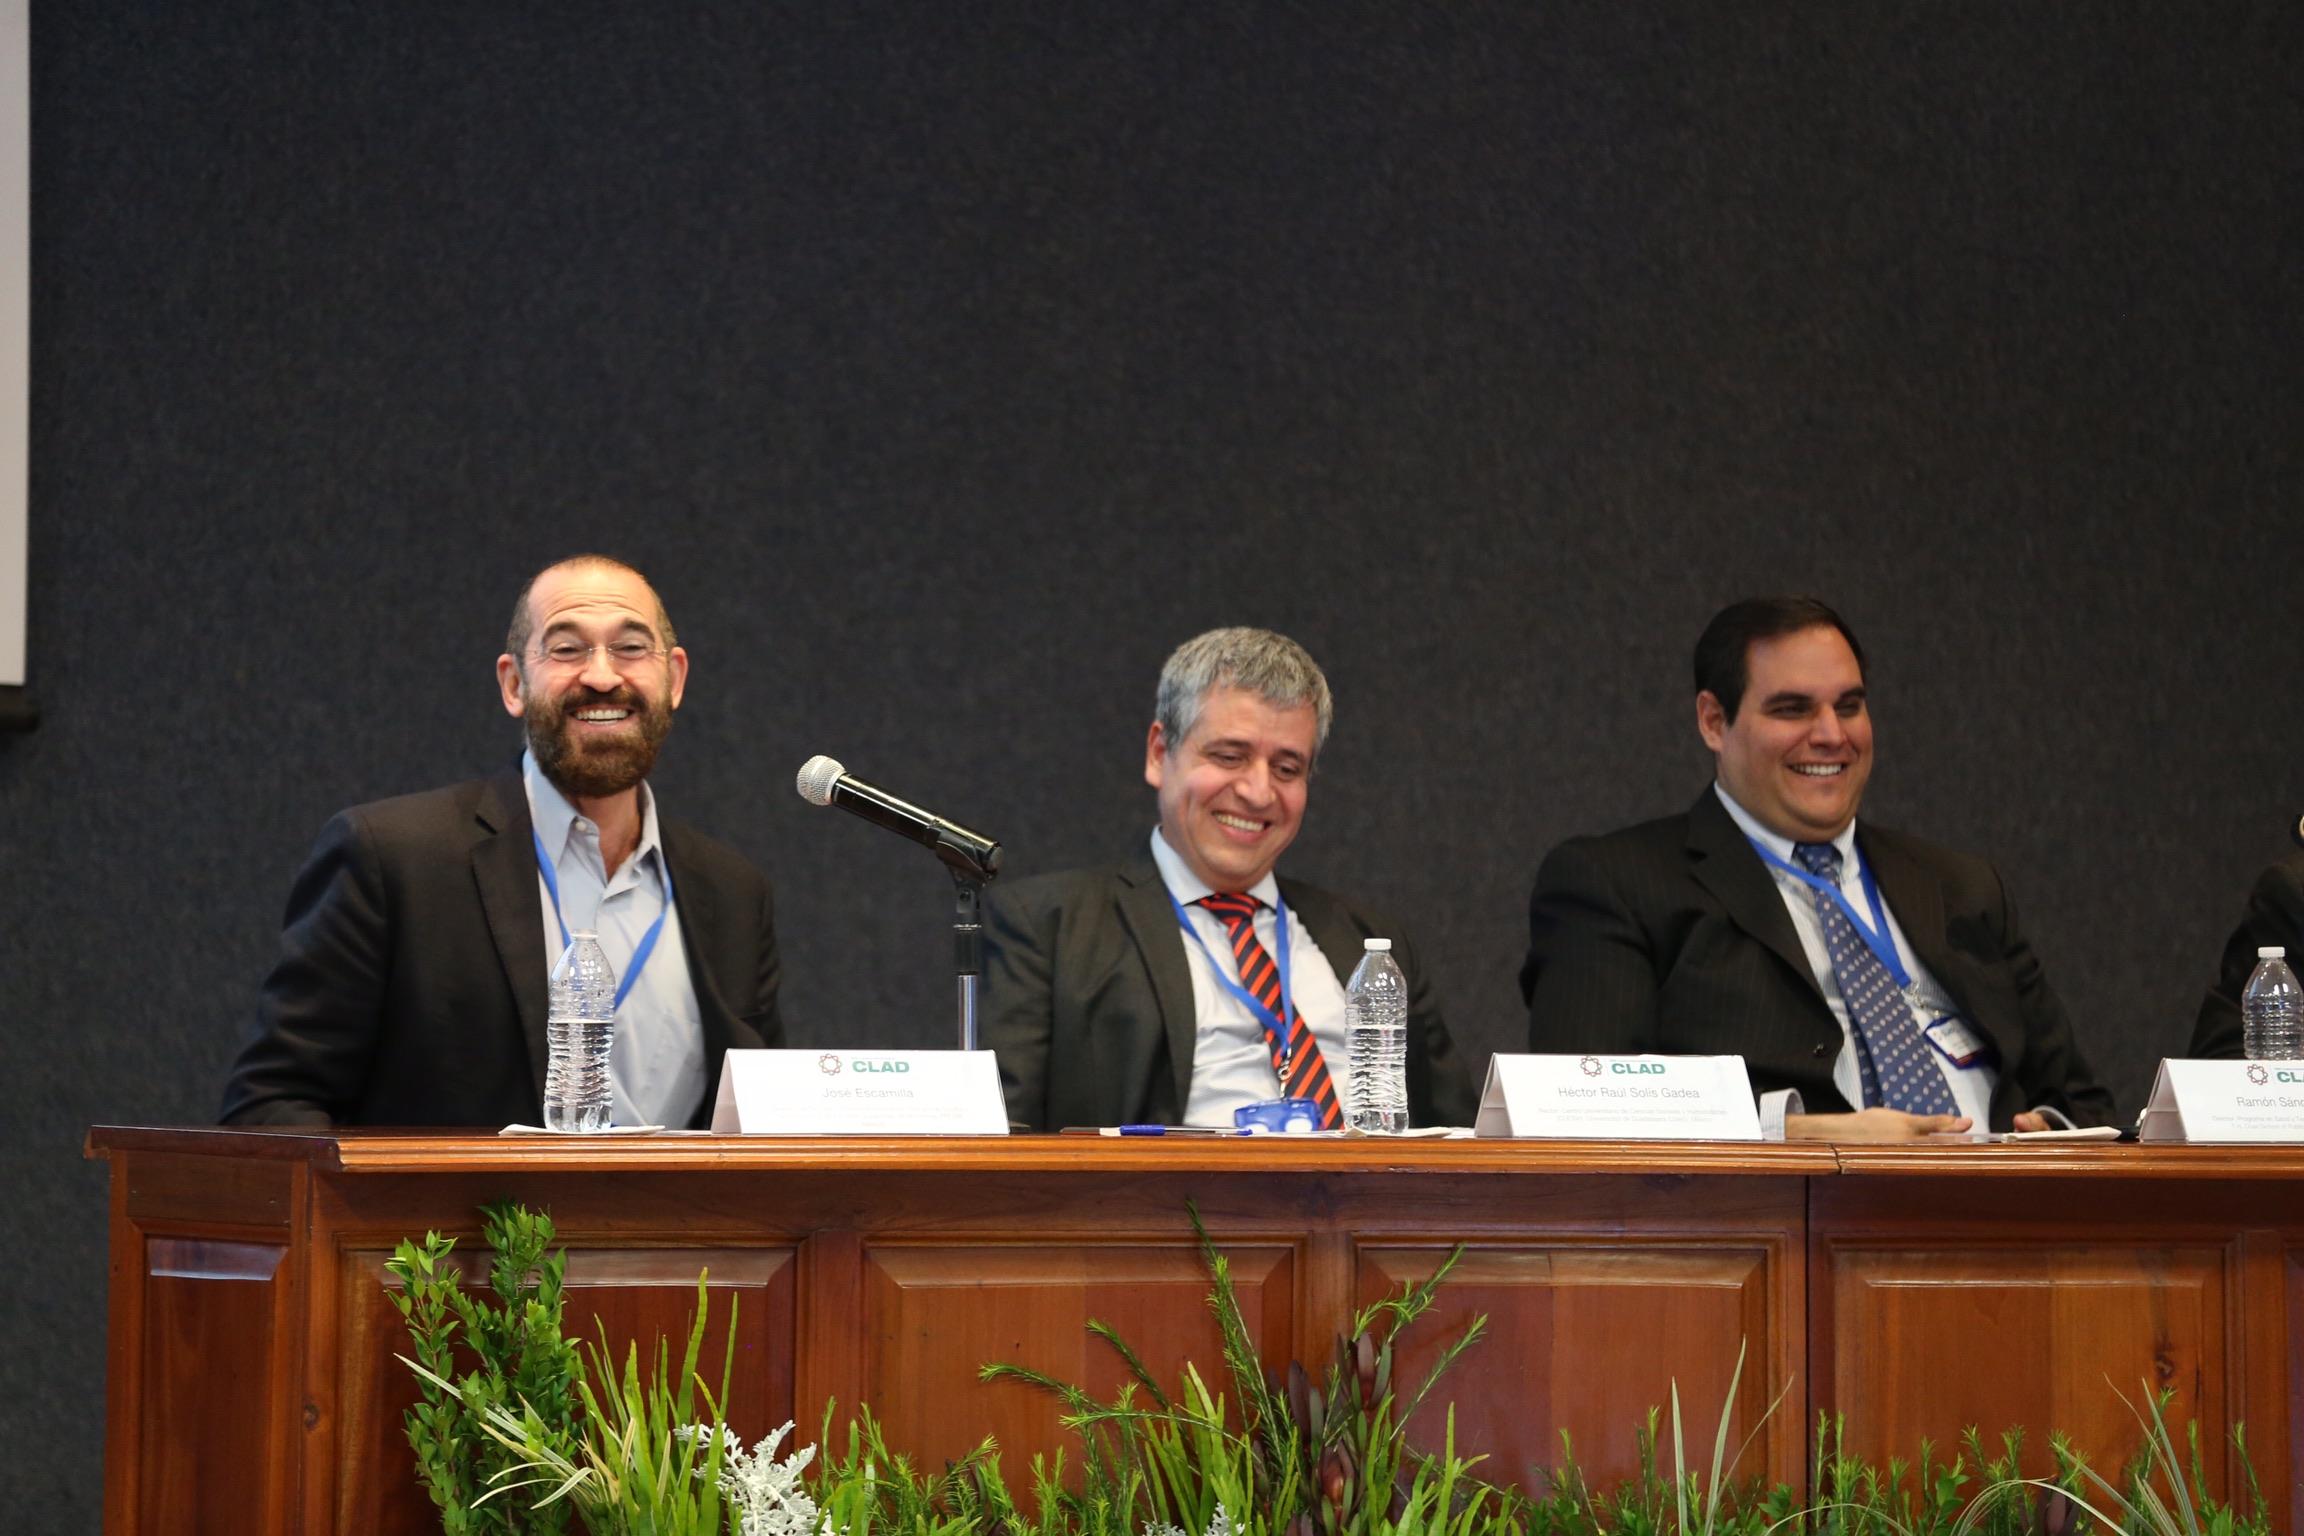 Director de TecLabs, Unidad de Innovación Disruptiva del Instituto Tecnológico y de Estudios Superiores de Monterrey (ITESM), José Escamilla